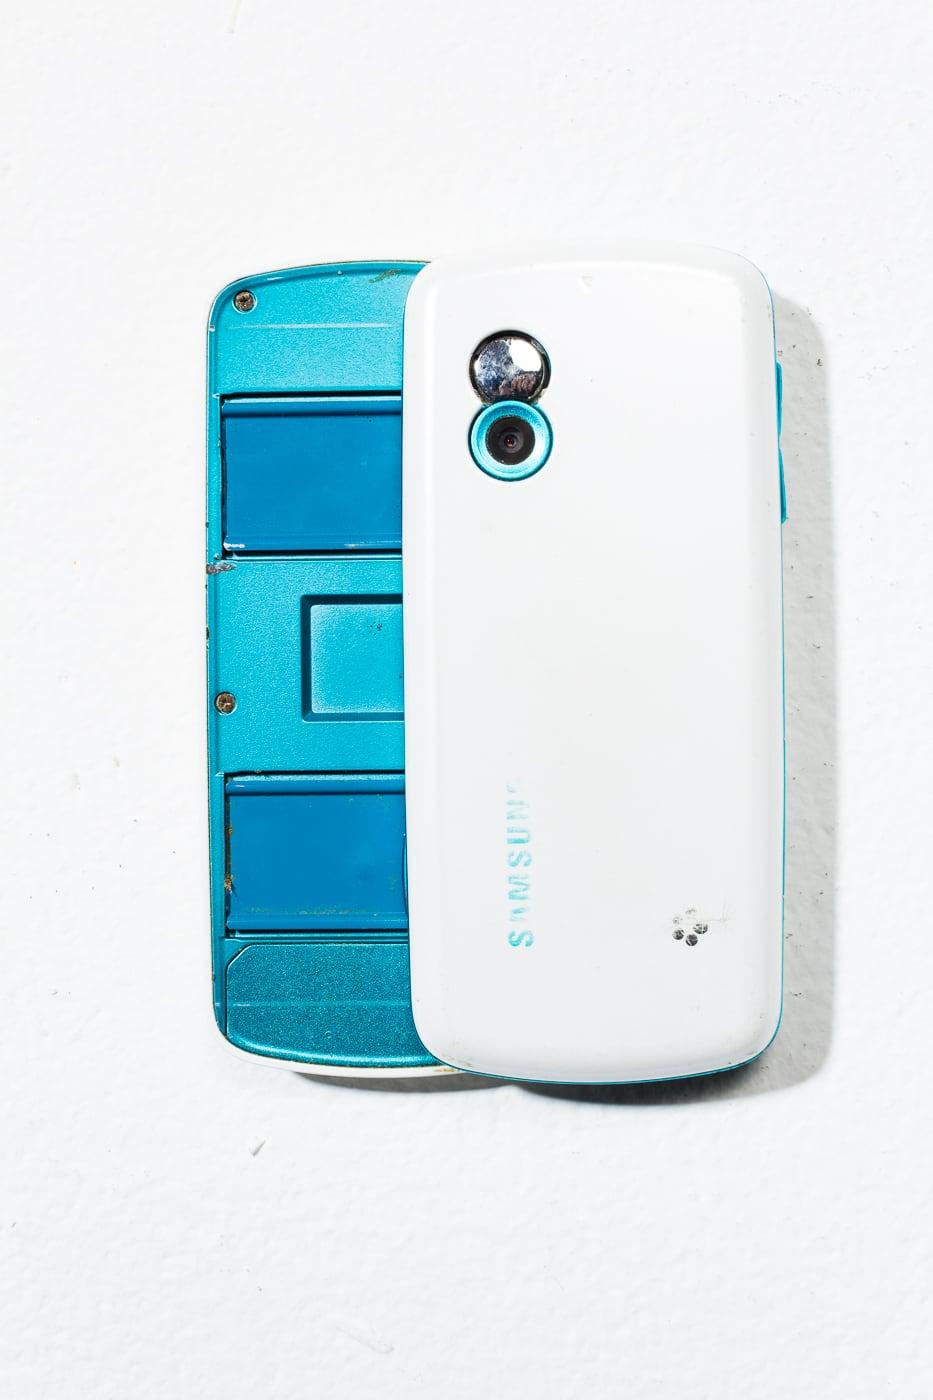 Te063 White Samsung Sliding Keyboard Mobile Phone Prop